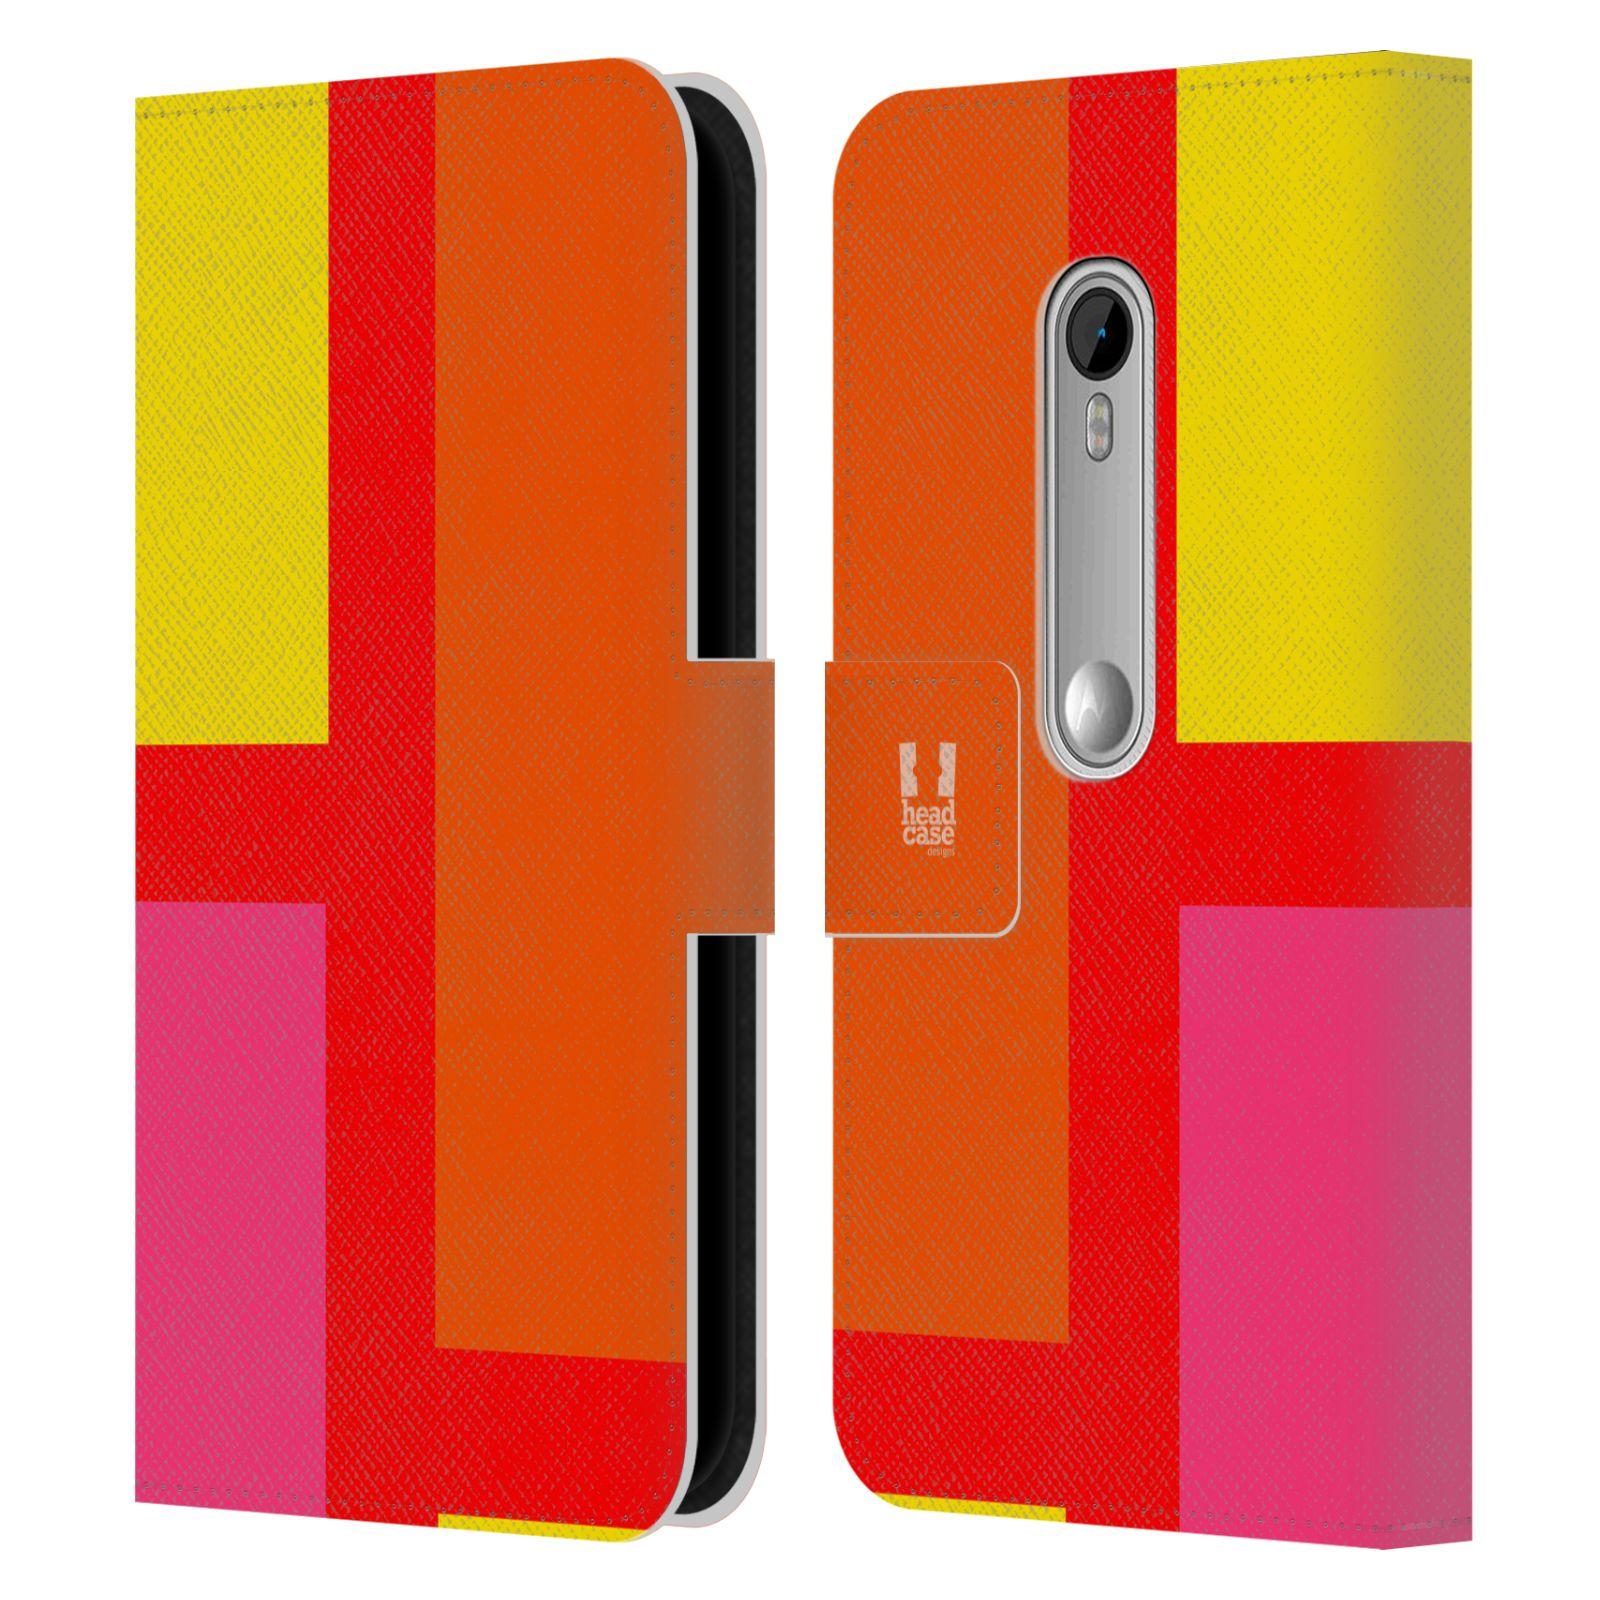 HEAD CASE Flipové pouzdro pro mobil Motorola MOTO G 3RD GENERATION barevné tvary oranžová ulice